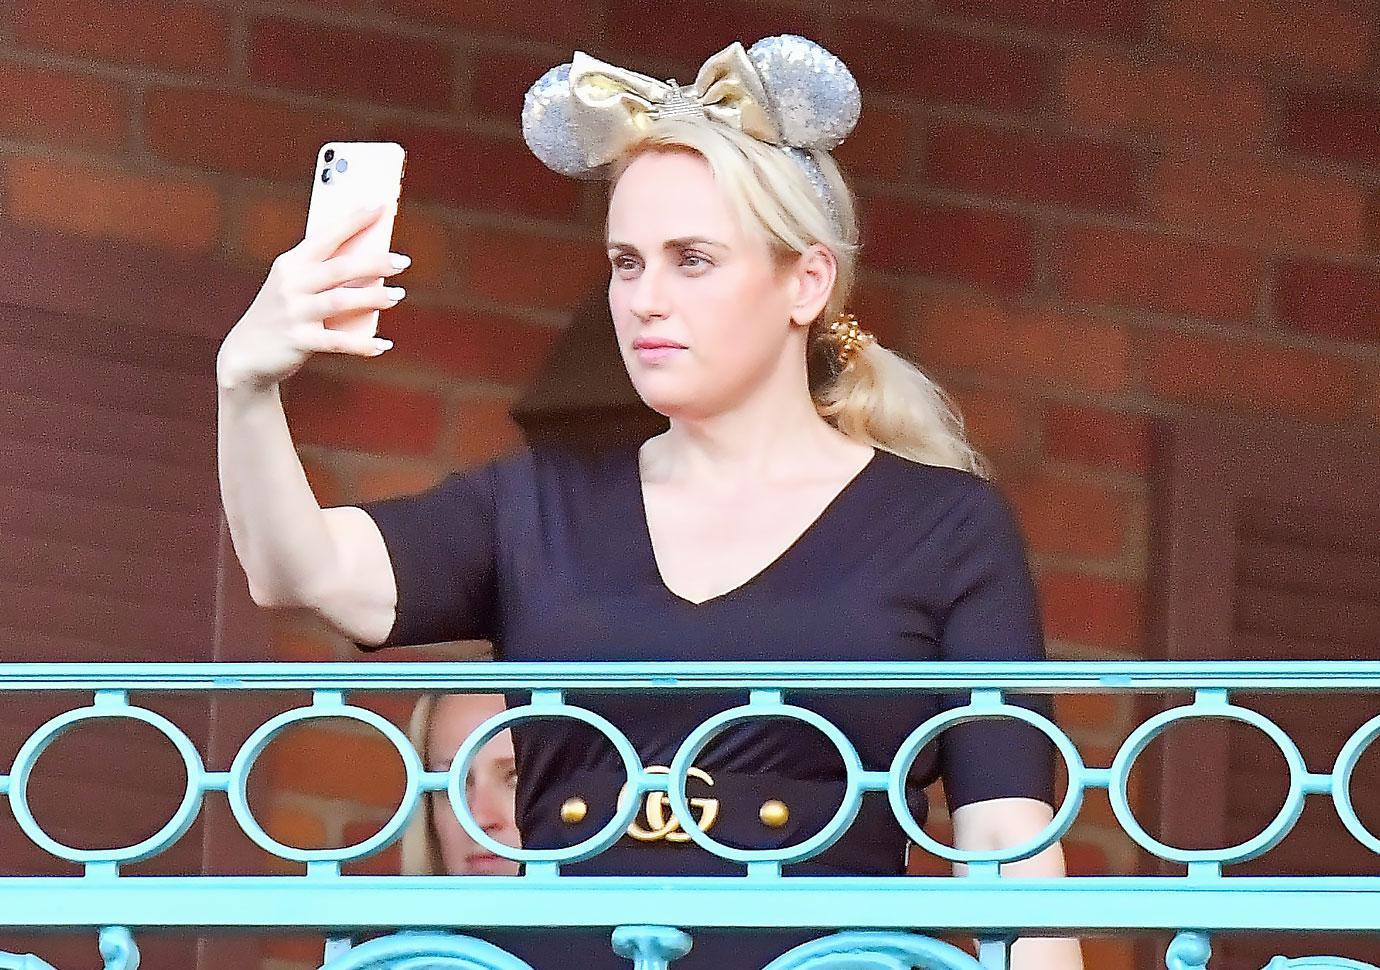 rebel wilson disneyland mickey mouse ears selfie